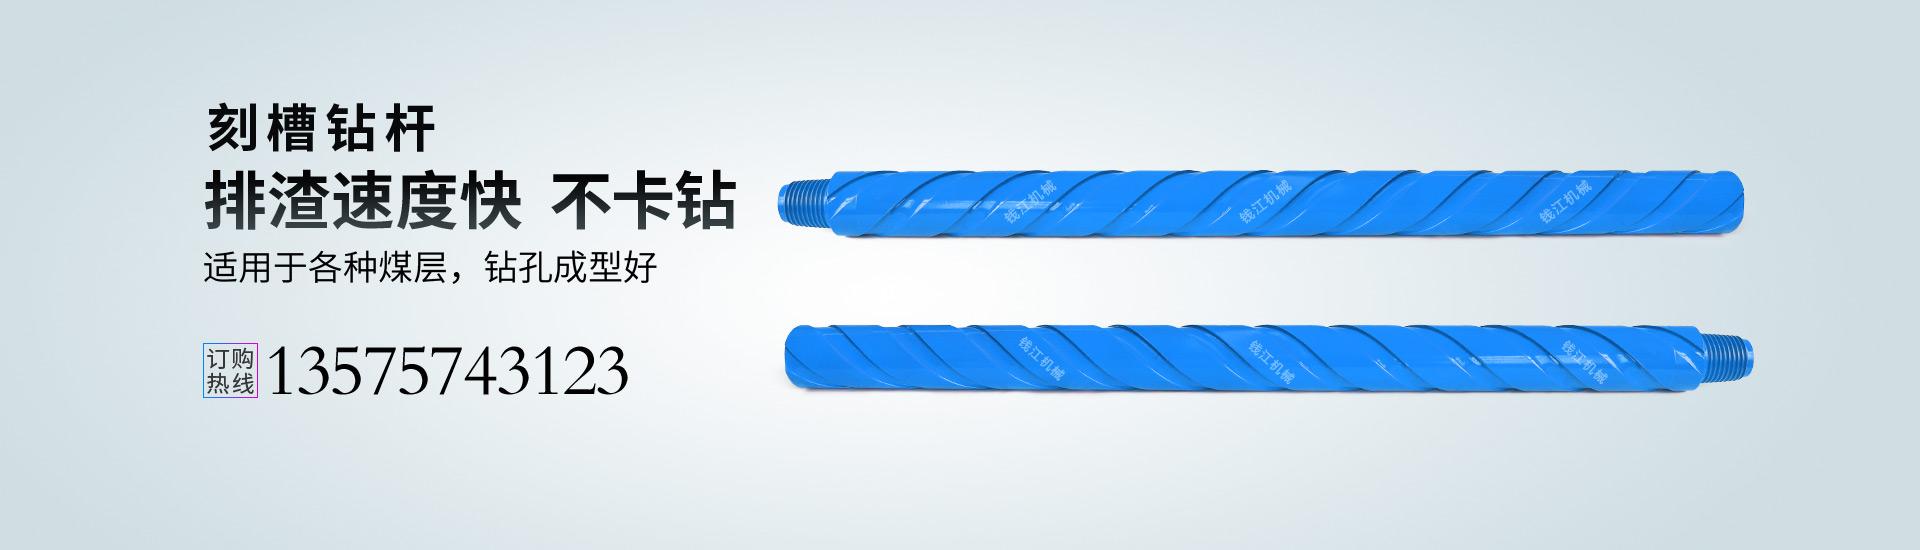 整(zheng)體式寬(kuan)翼片螺旋鑽桿